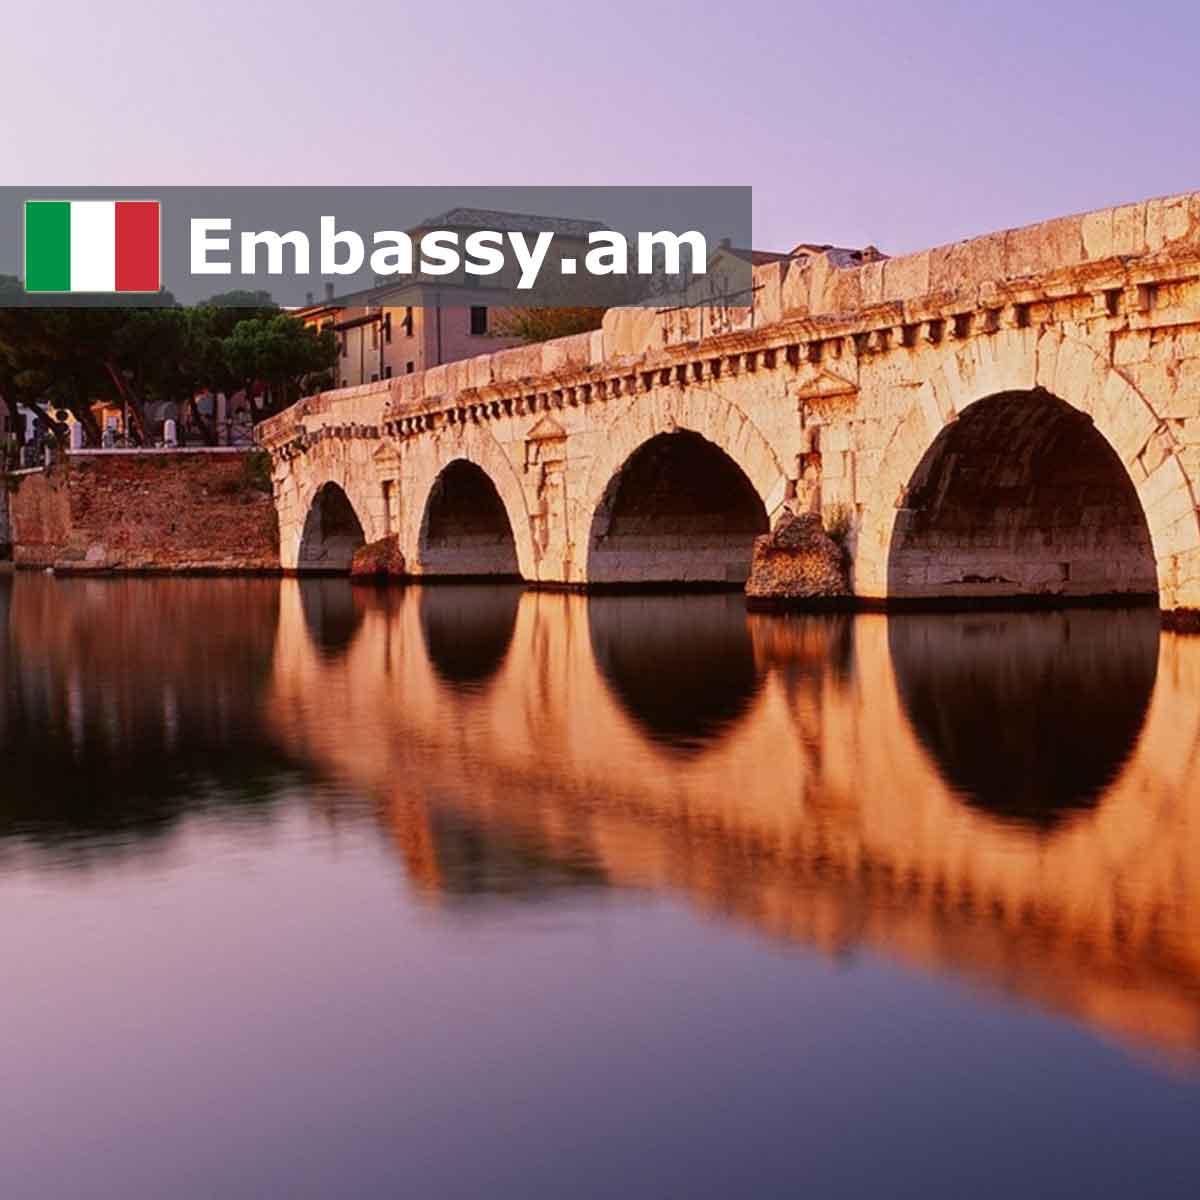 Римини - Отели в Италии - Embassy.am